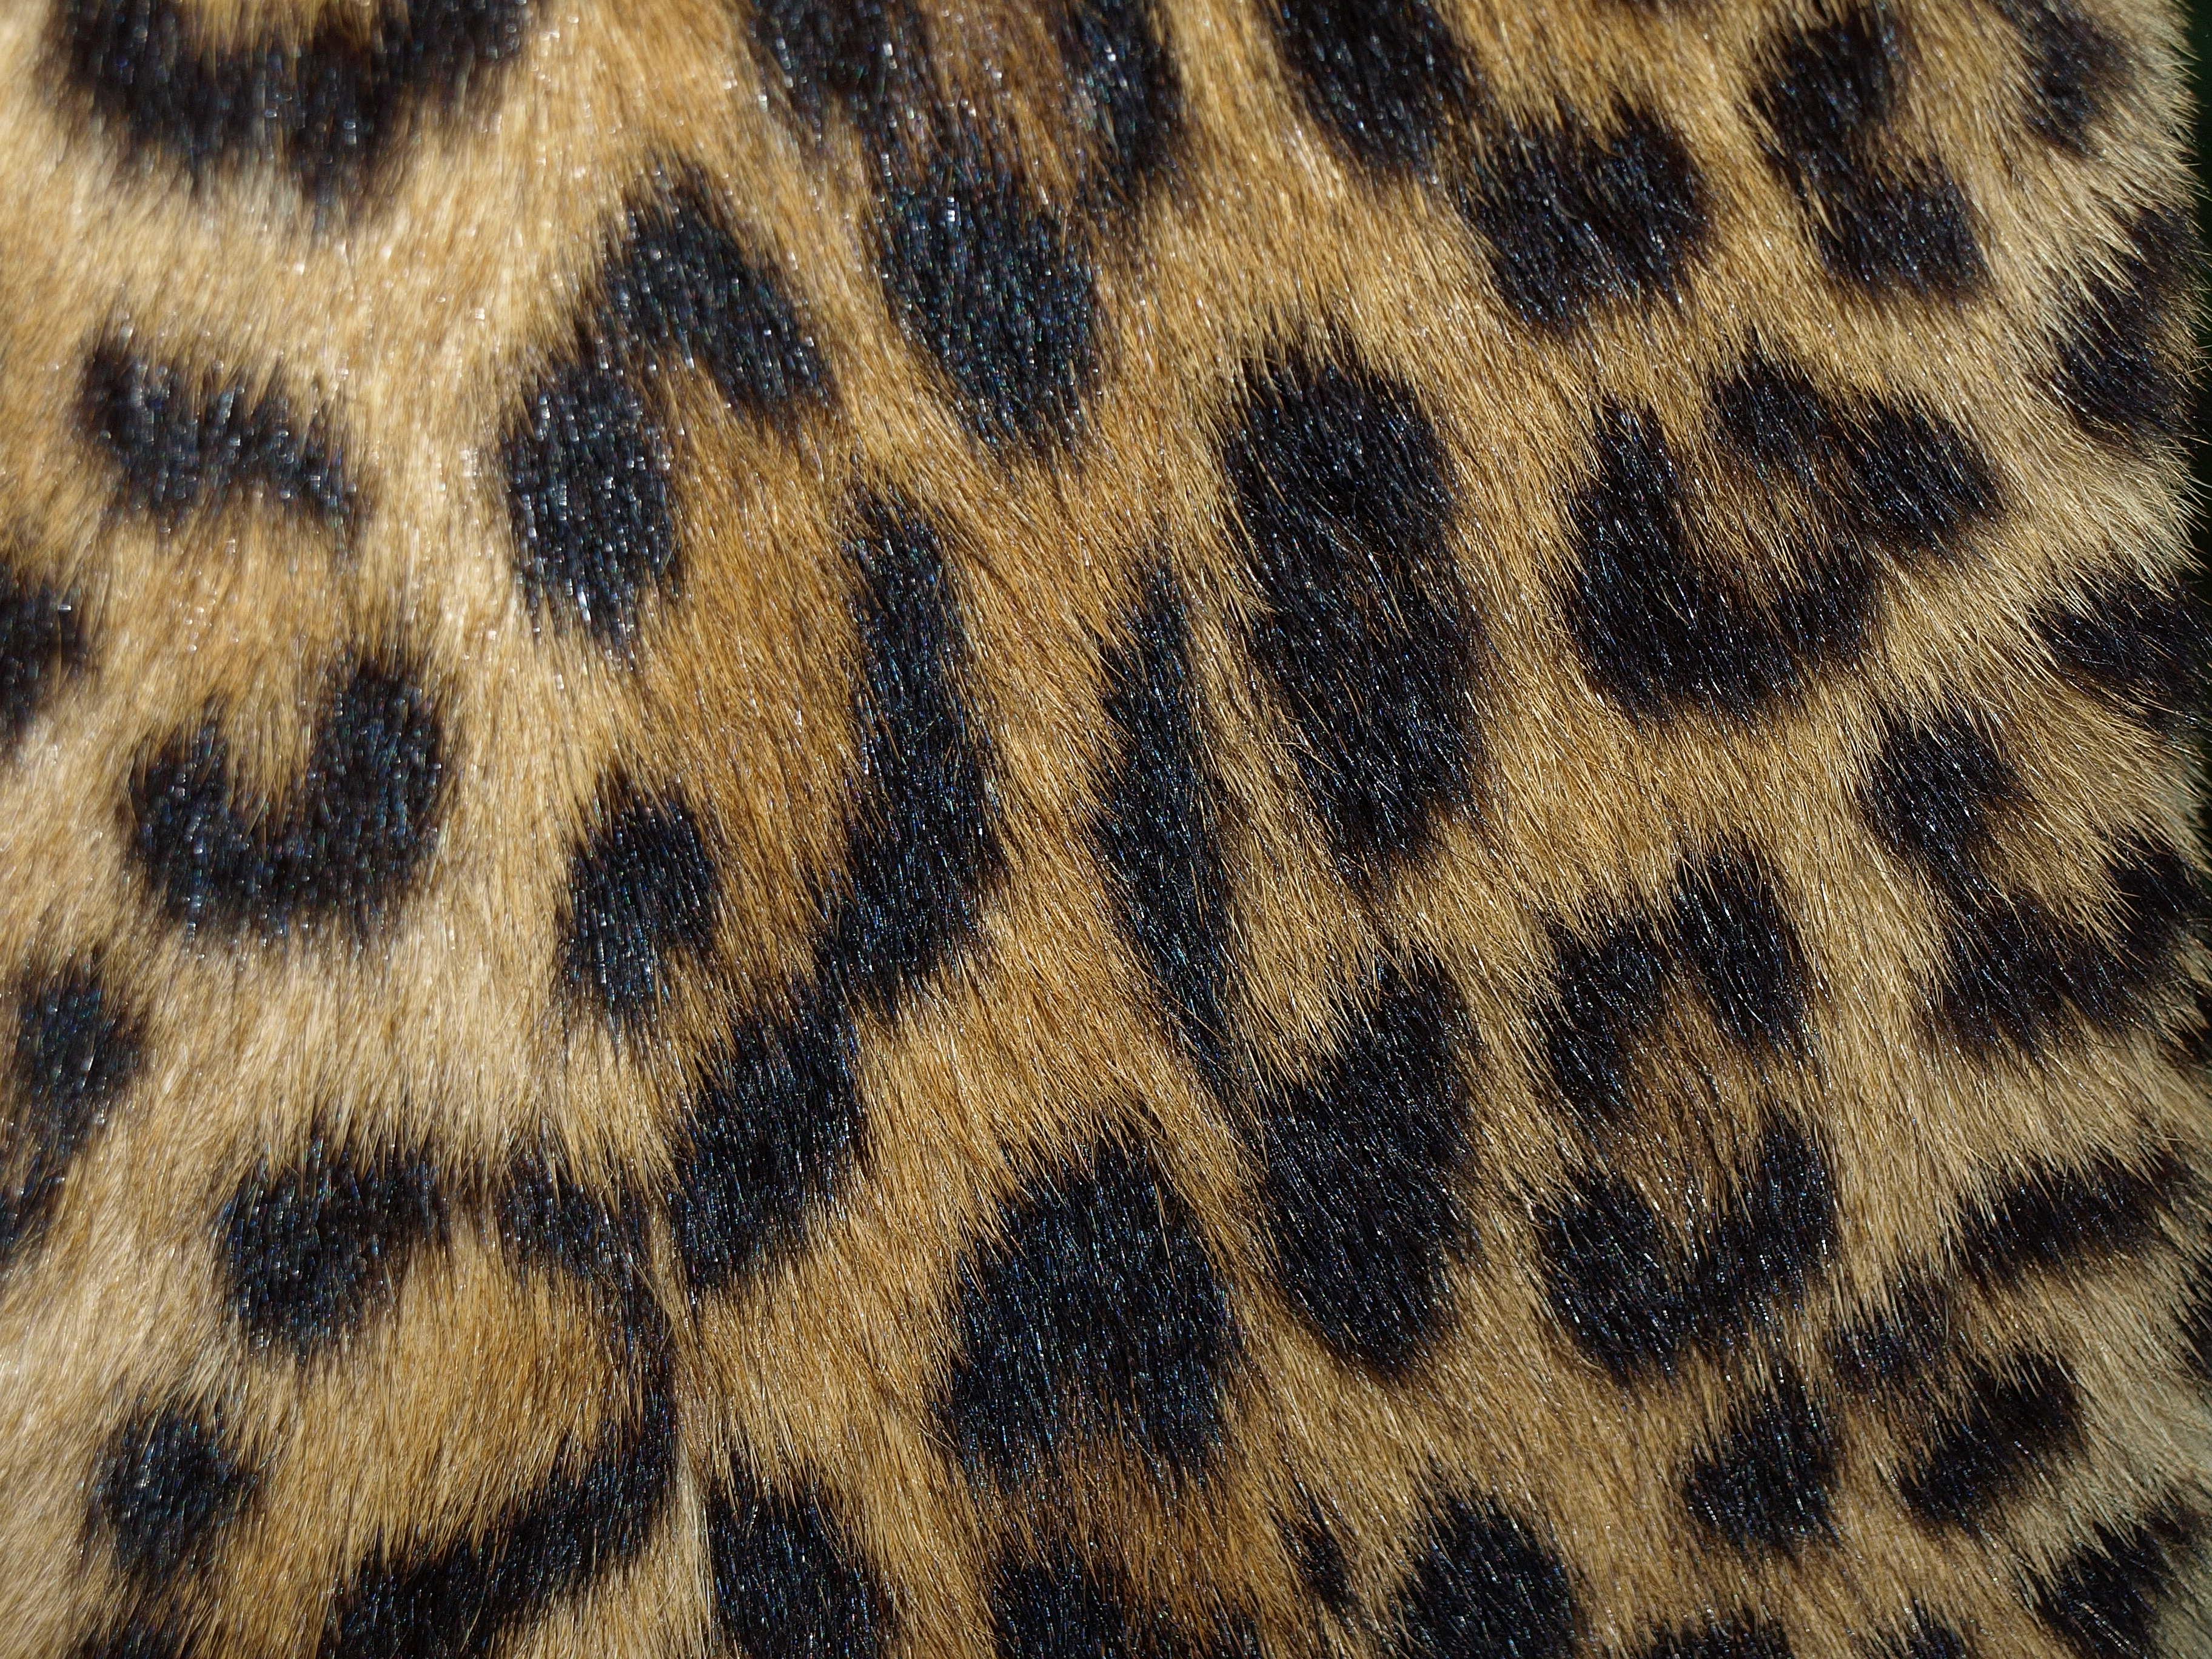 приехал загорелый картинка кожа леопарда была самой